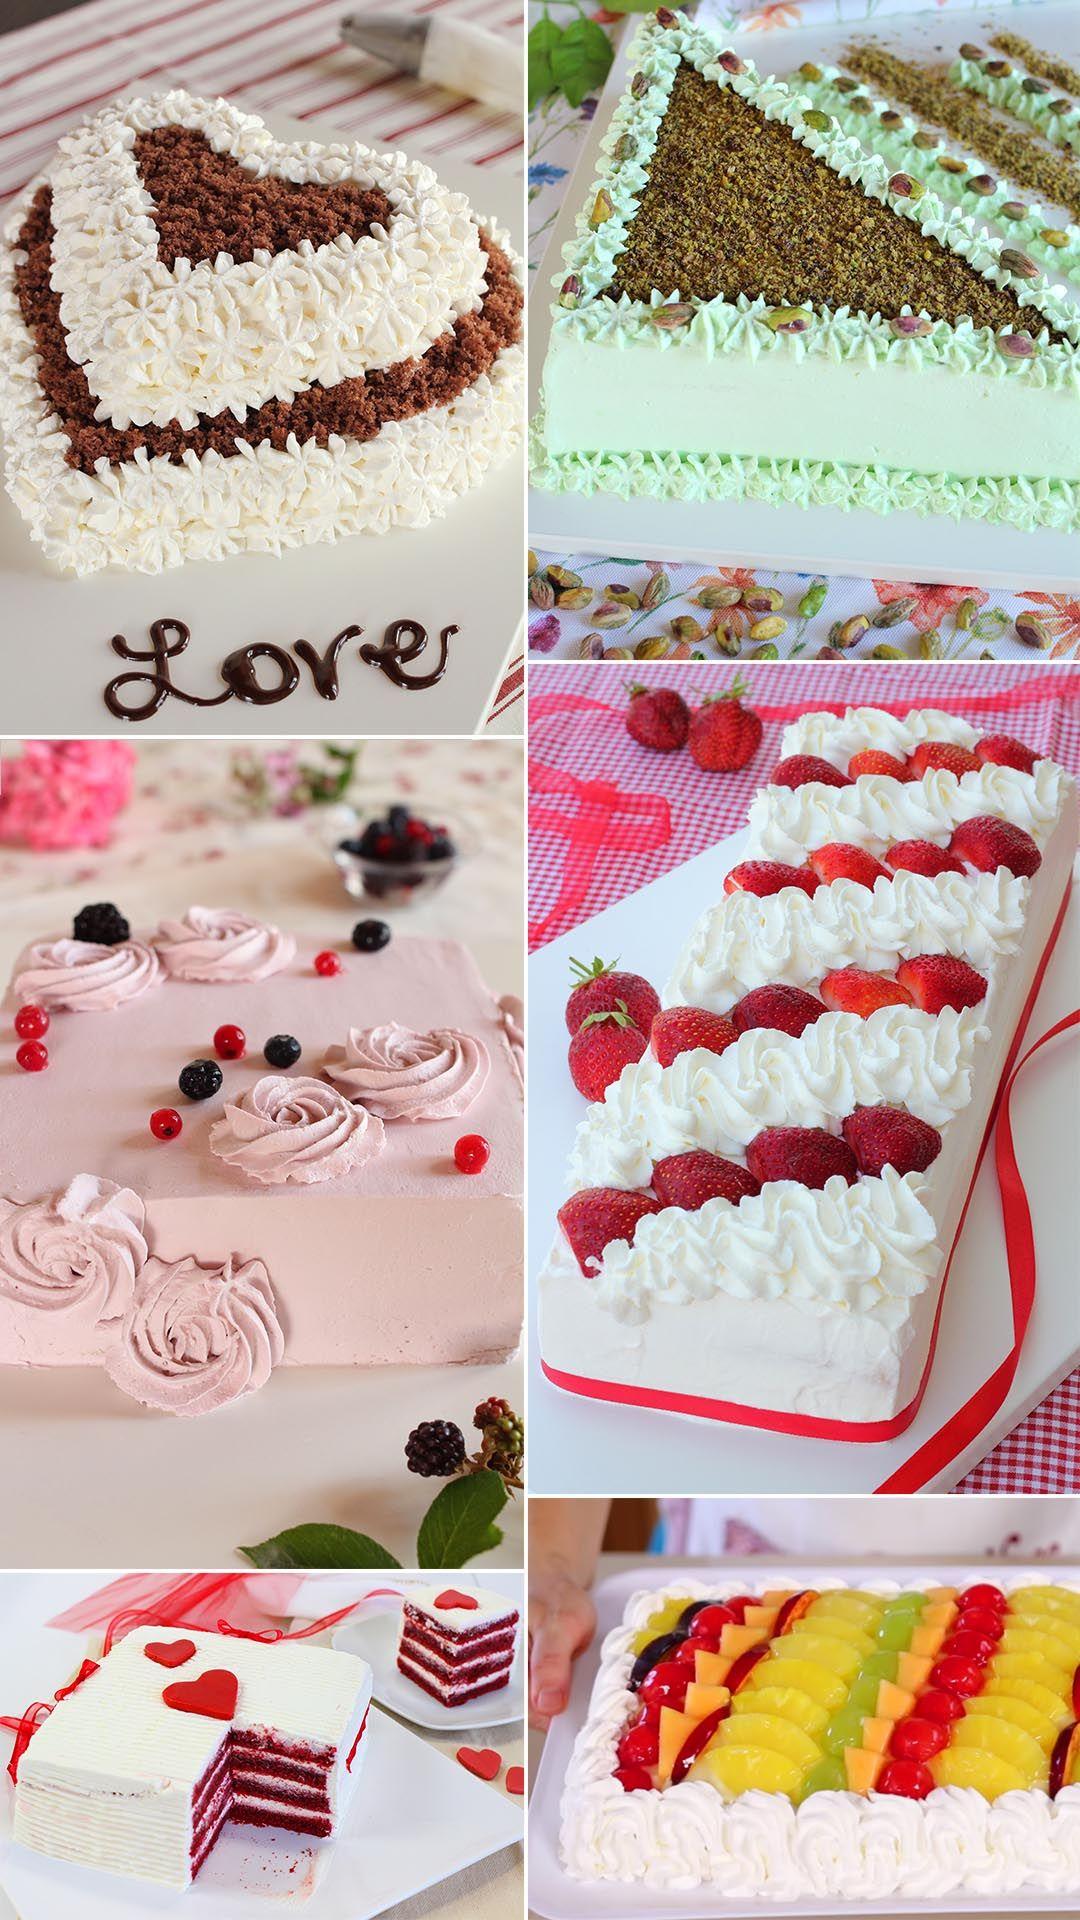 Torta Furba Come Realizzare Forme Diverse Fatto In Casa Da Benedetta Torte Di Compleanno Al Cioccolato Torte Decorazioni Torte Compleanno